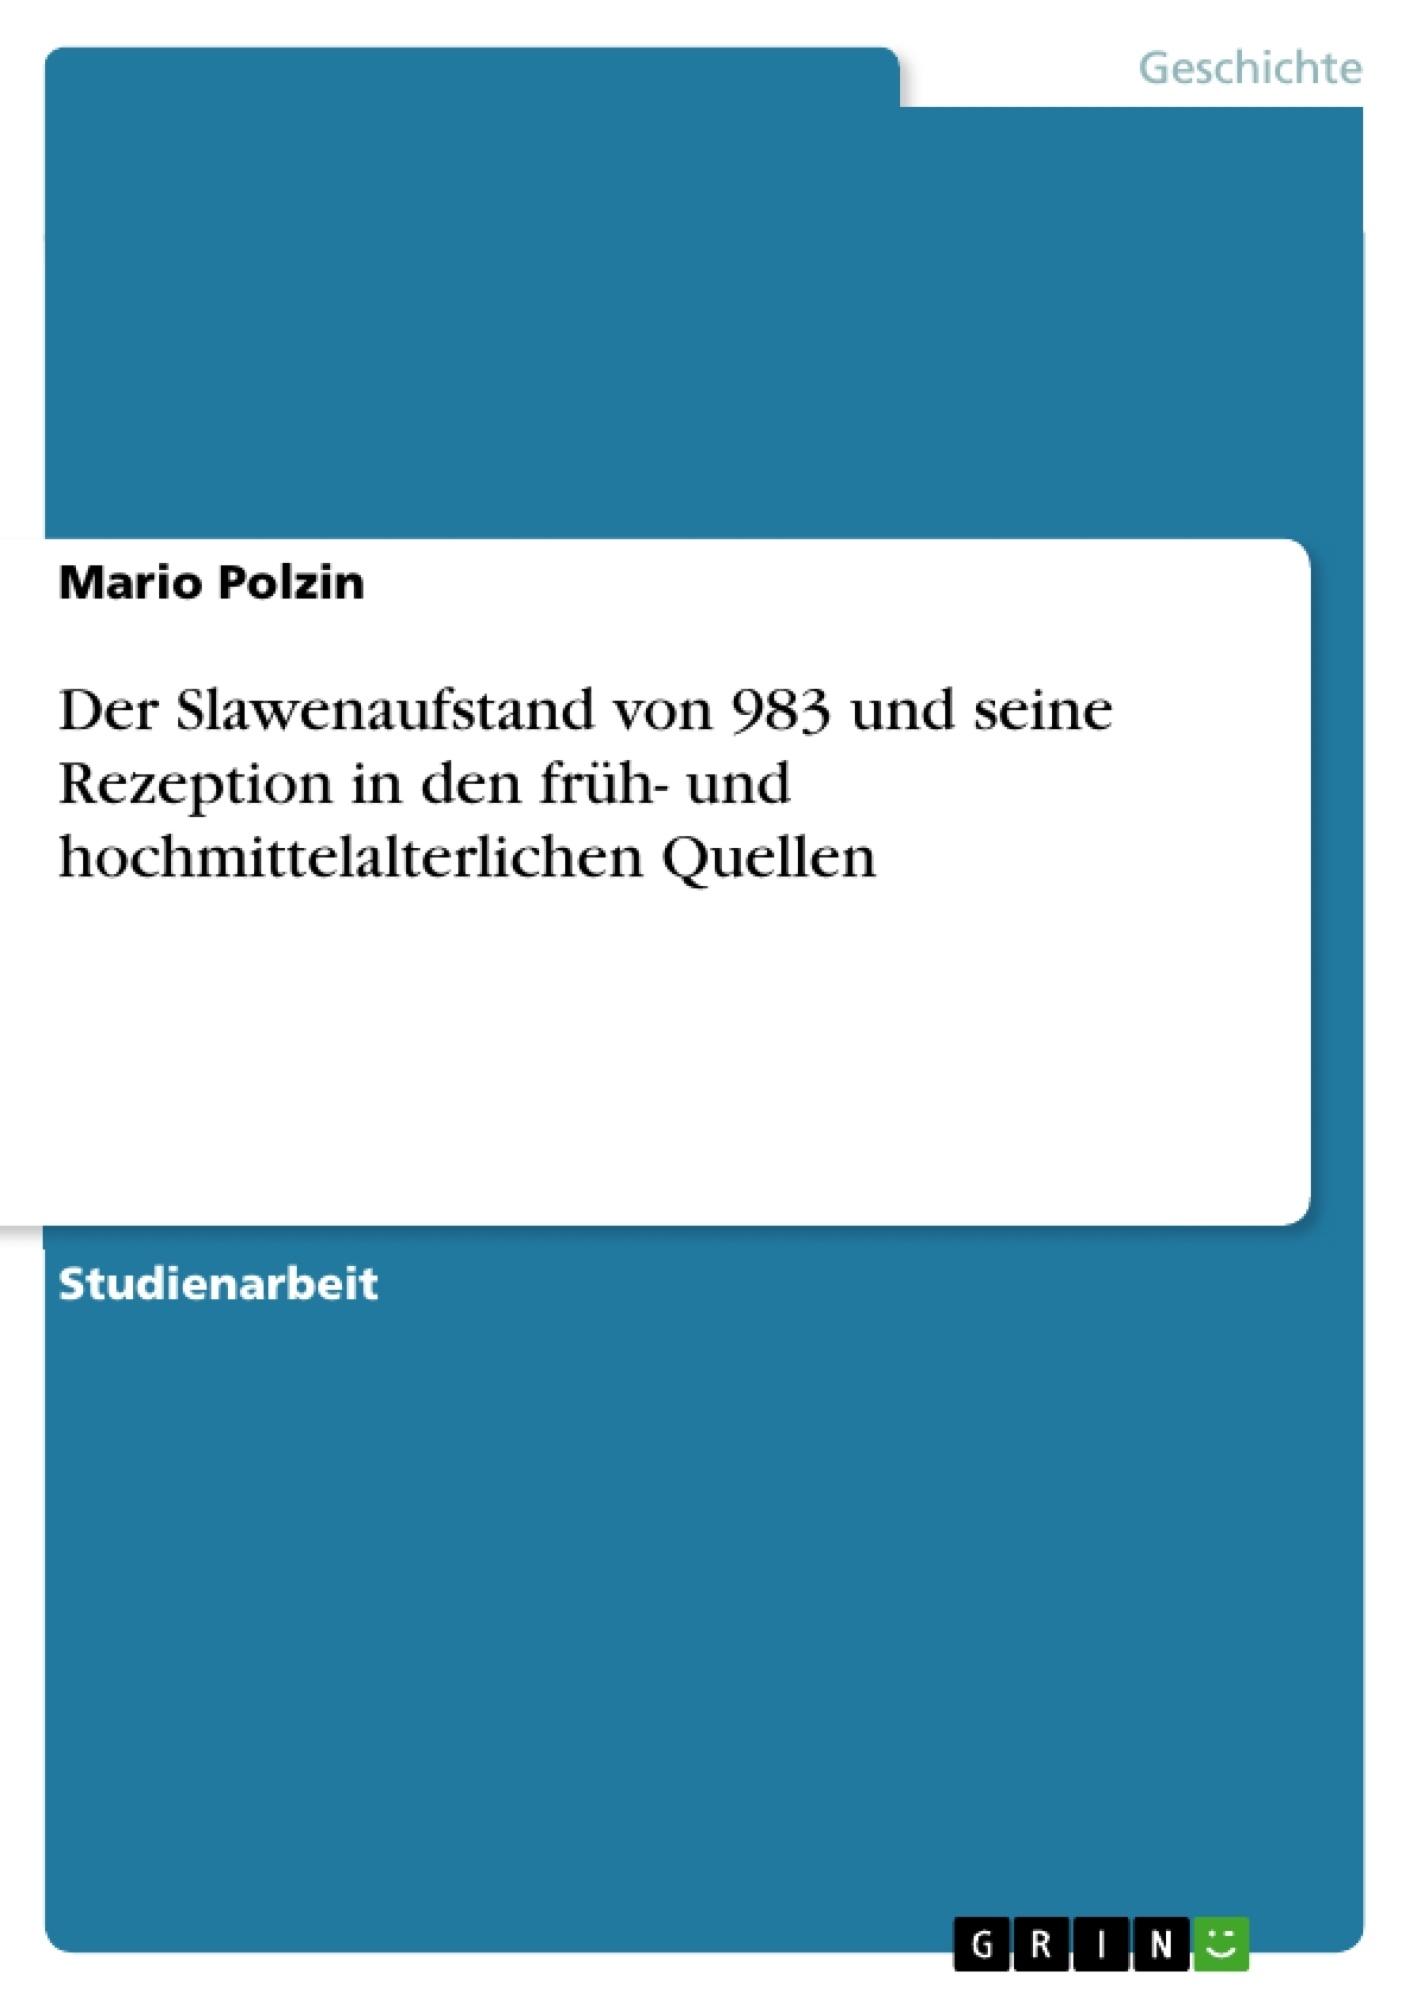 Titel: Der Slawenaufstand von 983 und seine Rezeption in den früh- und hochmittelalterlichen Quellen